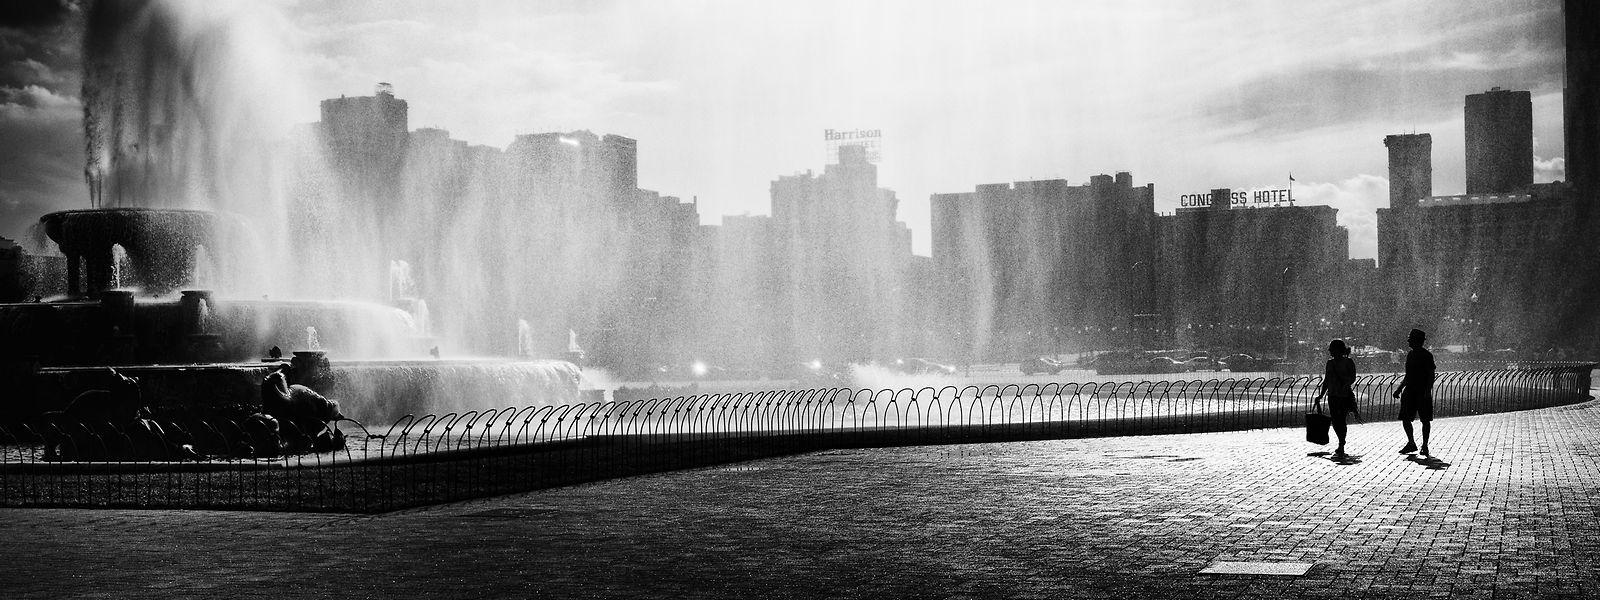 Street Photography ist eine kunstvolle Dokumention der Zeit, in der wir leben.